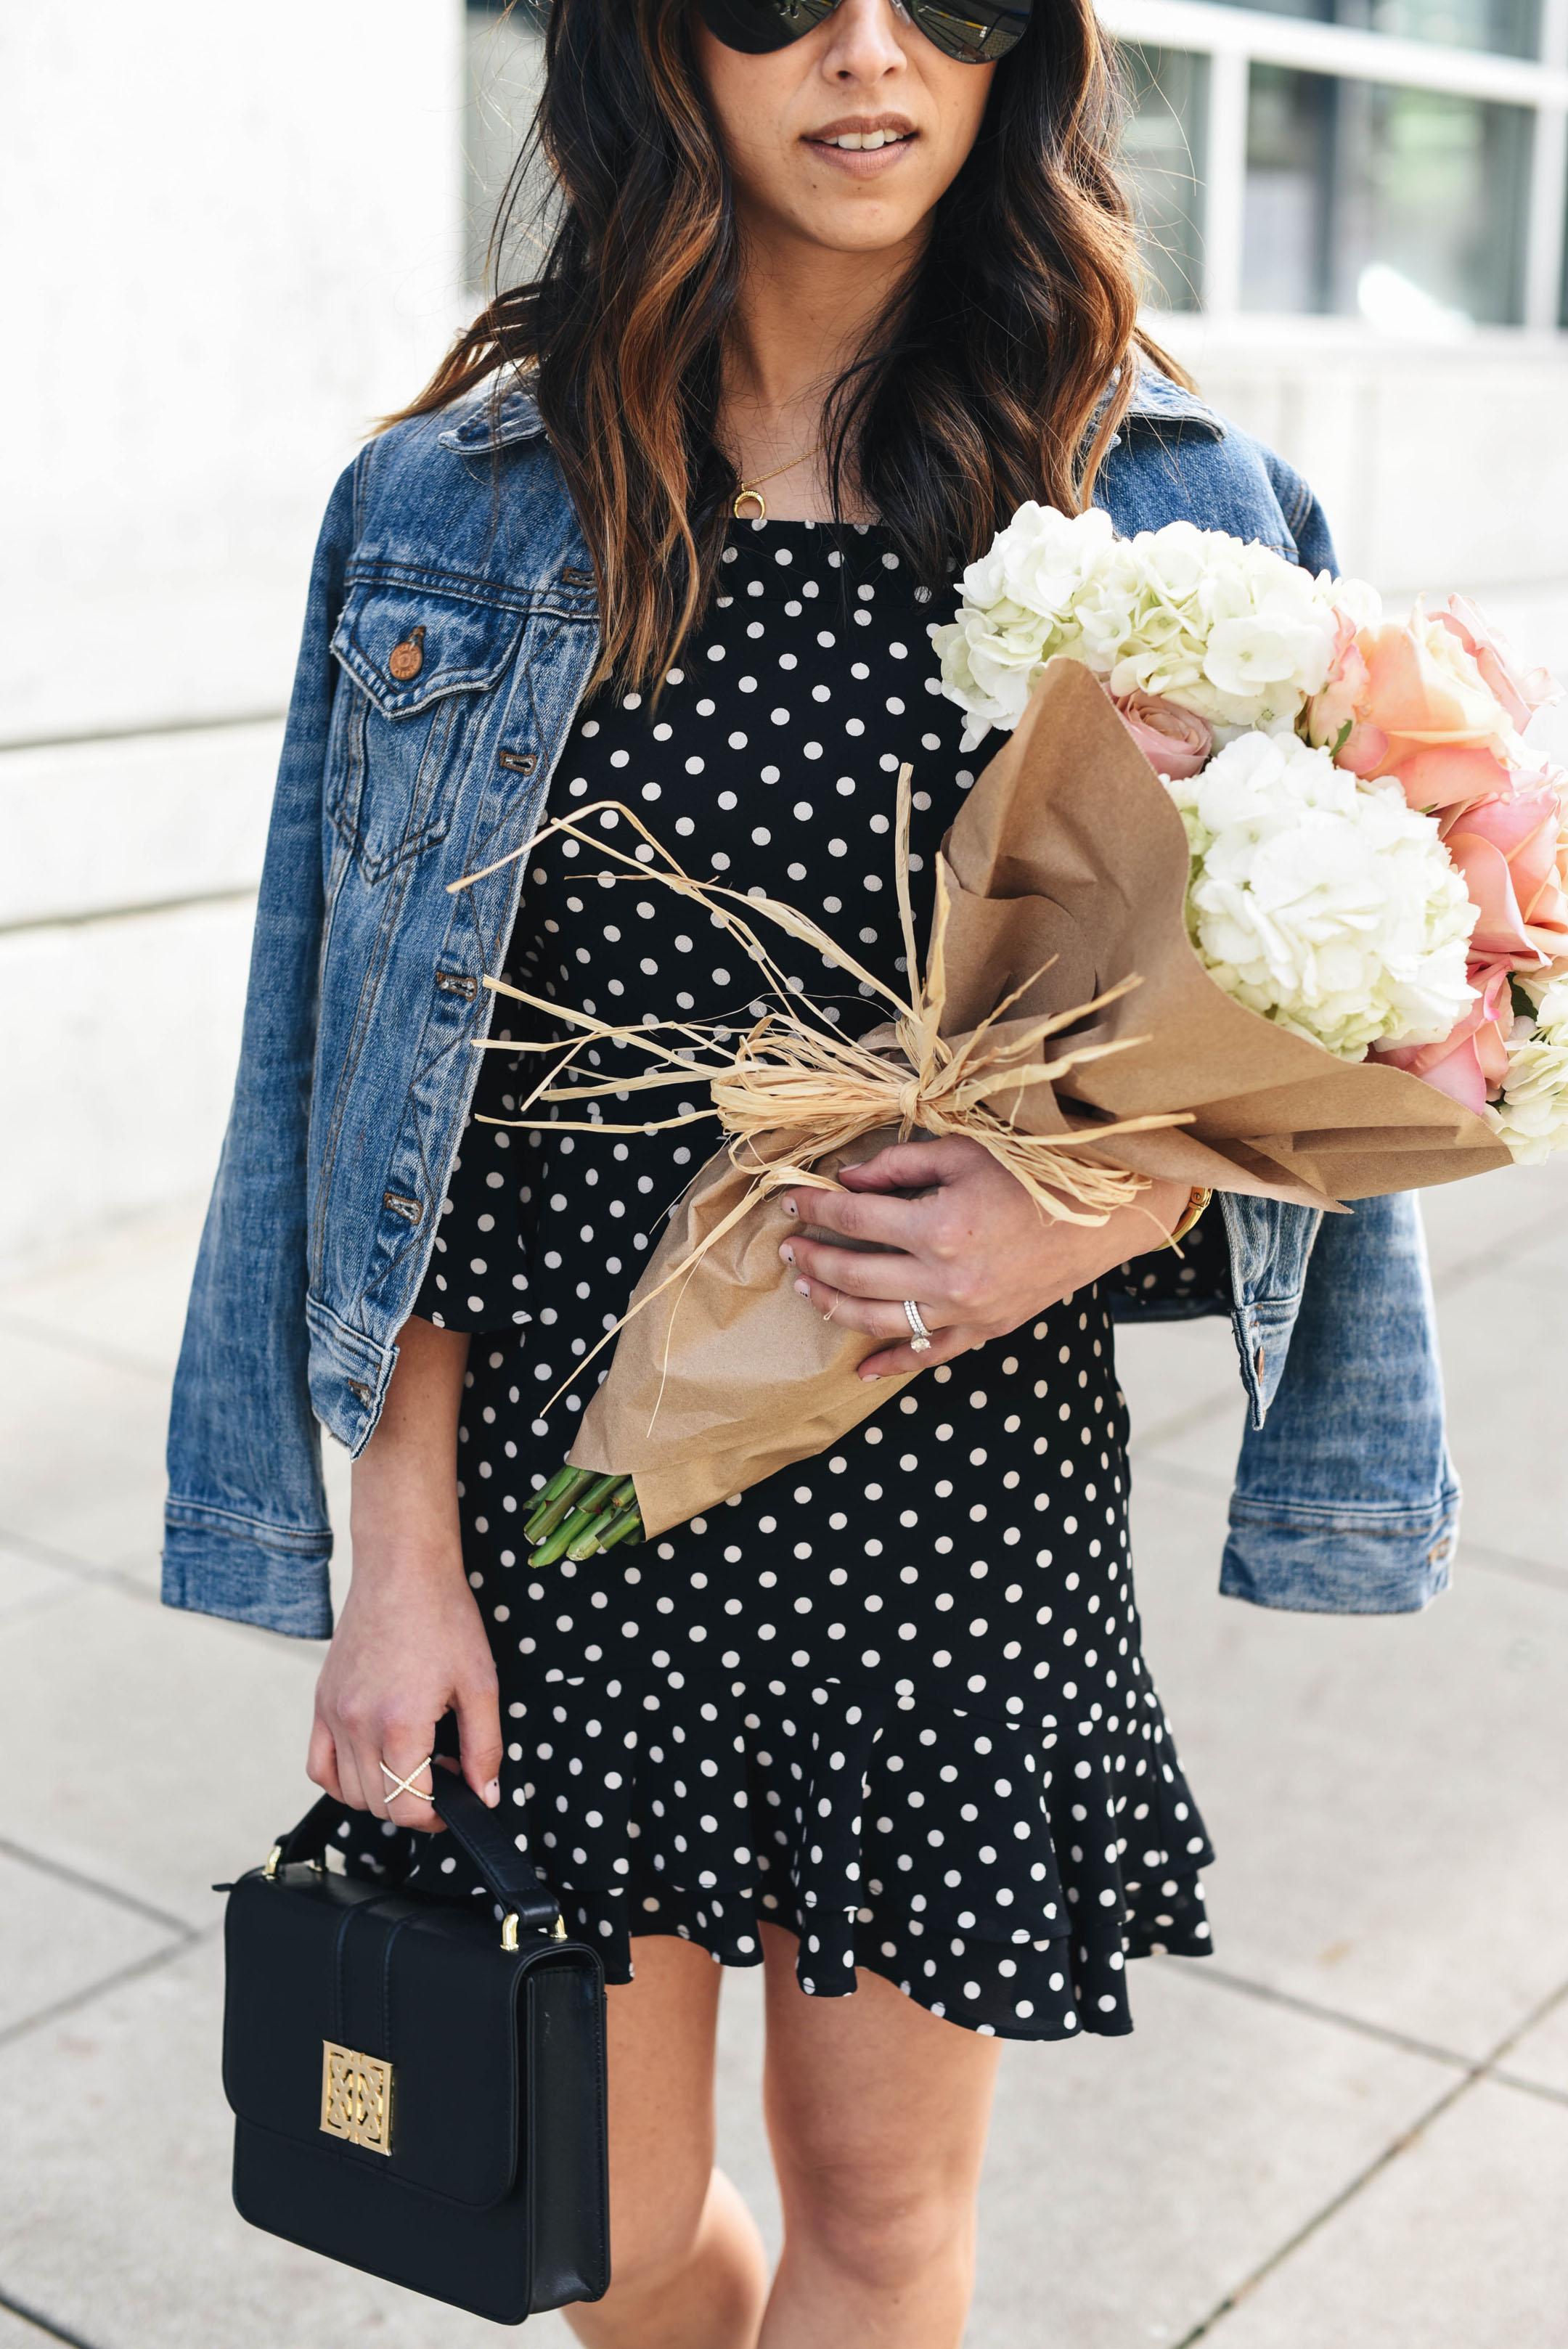 Topshop spring dresses